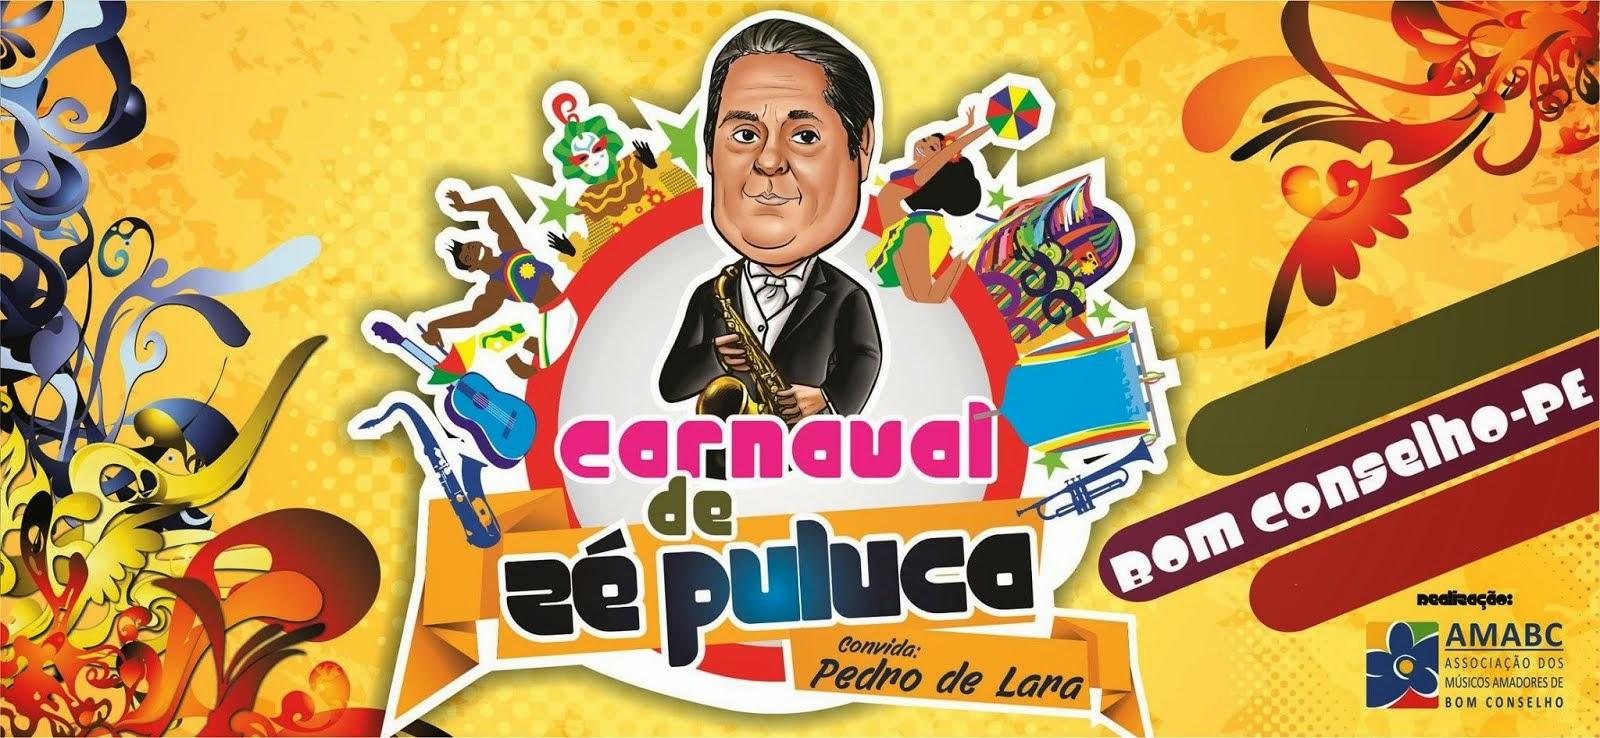 Carnaval de Zé Puluca 2017